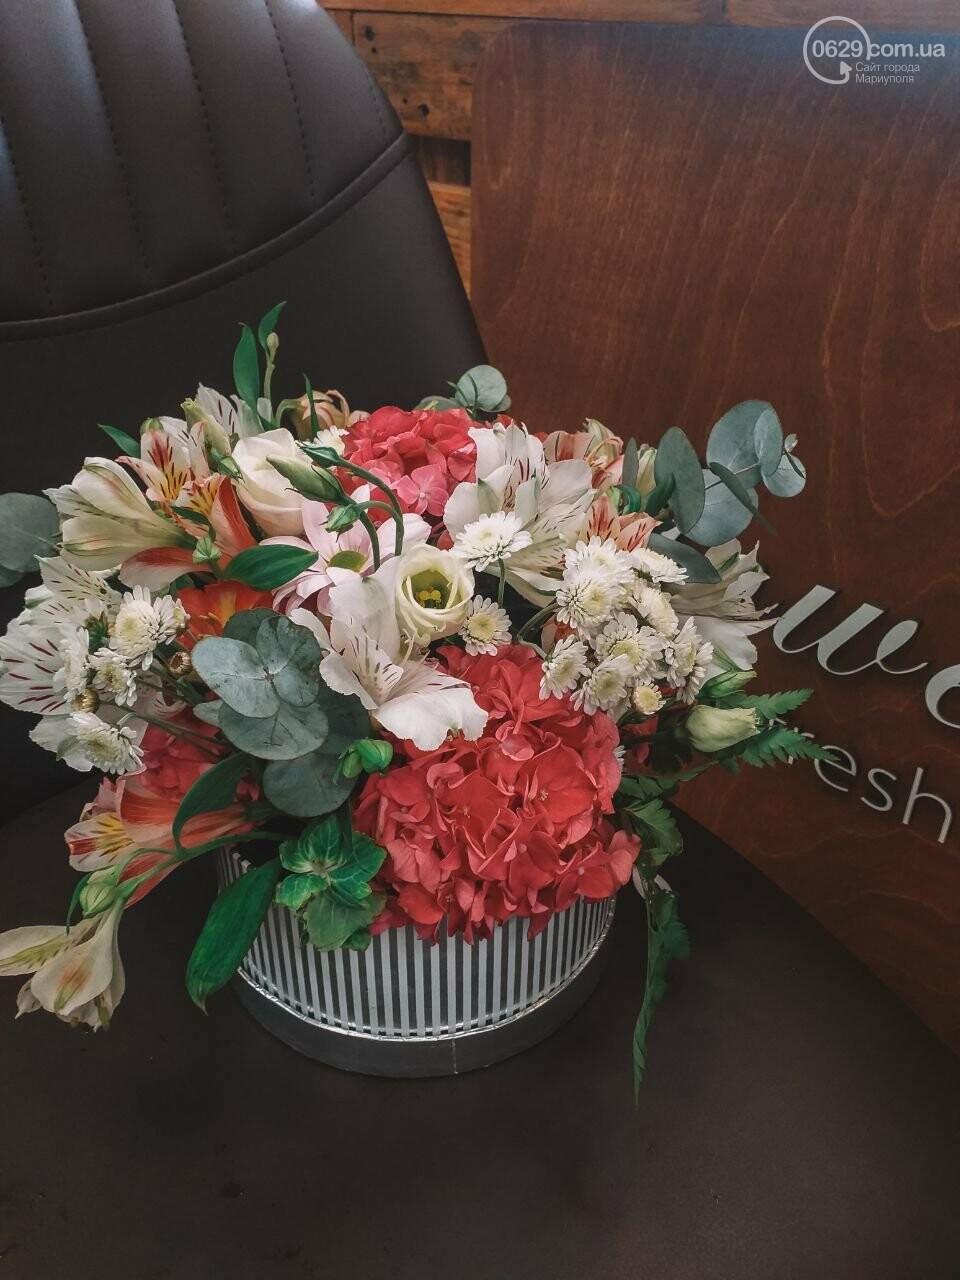 Изысканные, стильные букеты цветов с доставкой от сети салонов LUXE, фото-3